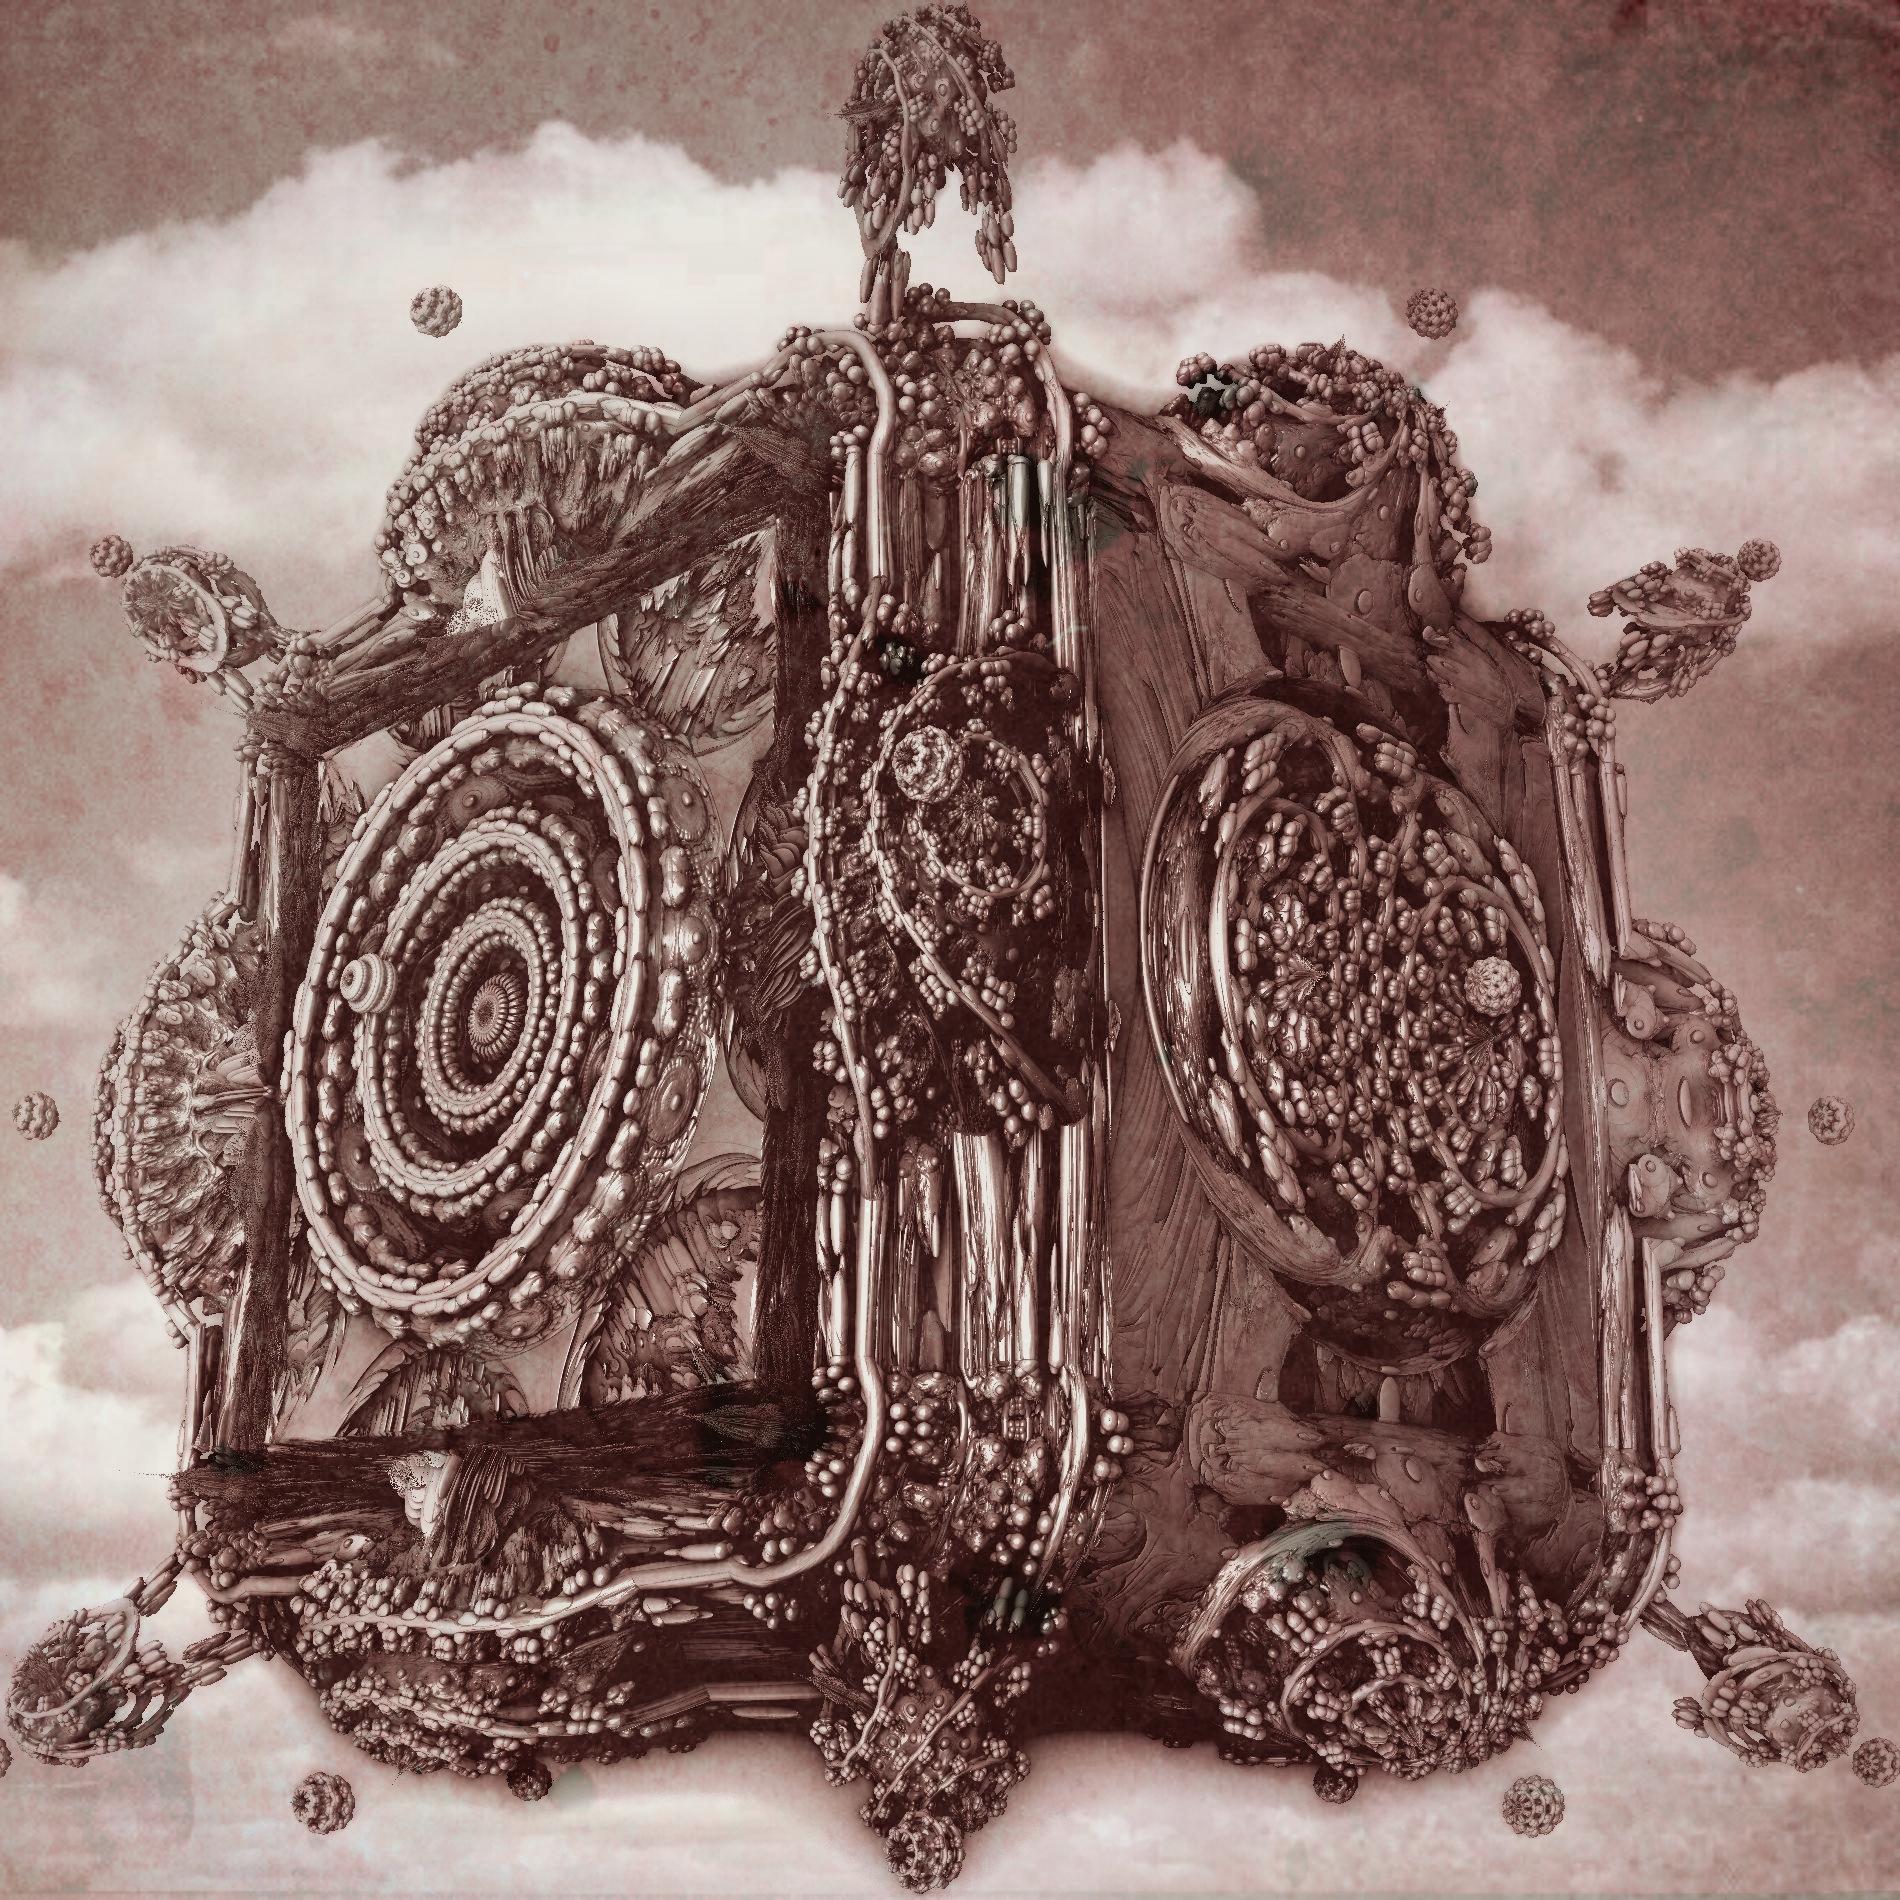 空に浮かぶ神秘的な寺院&ミステリアス:発見